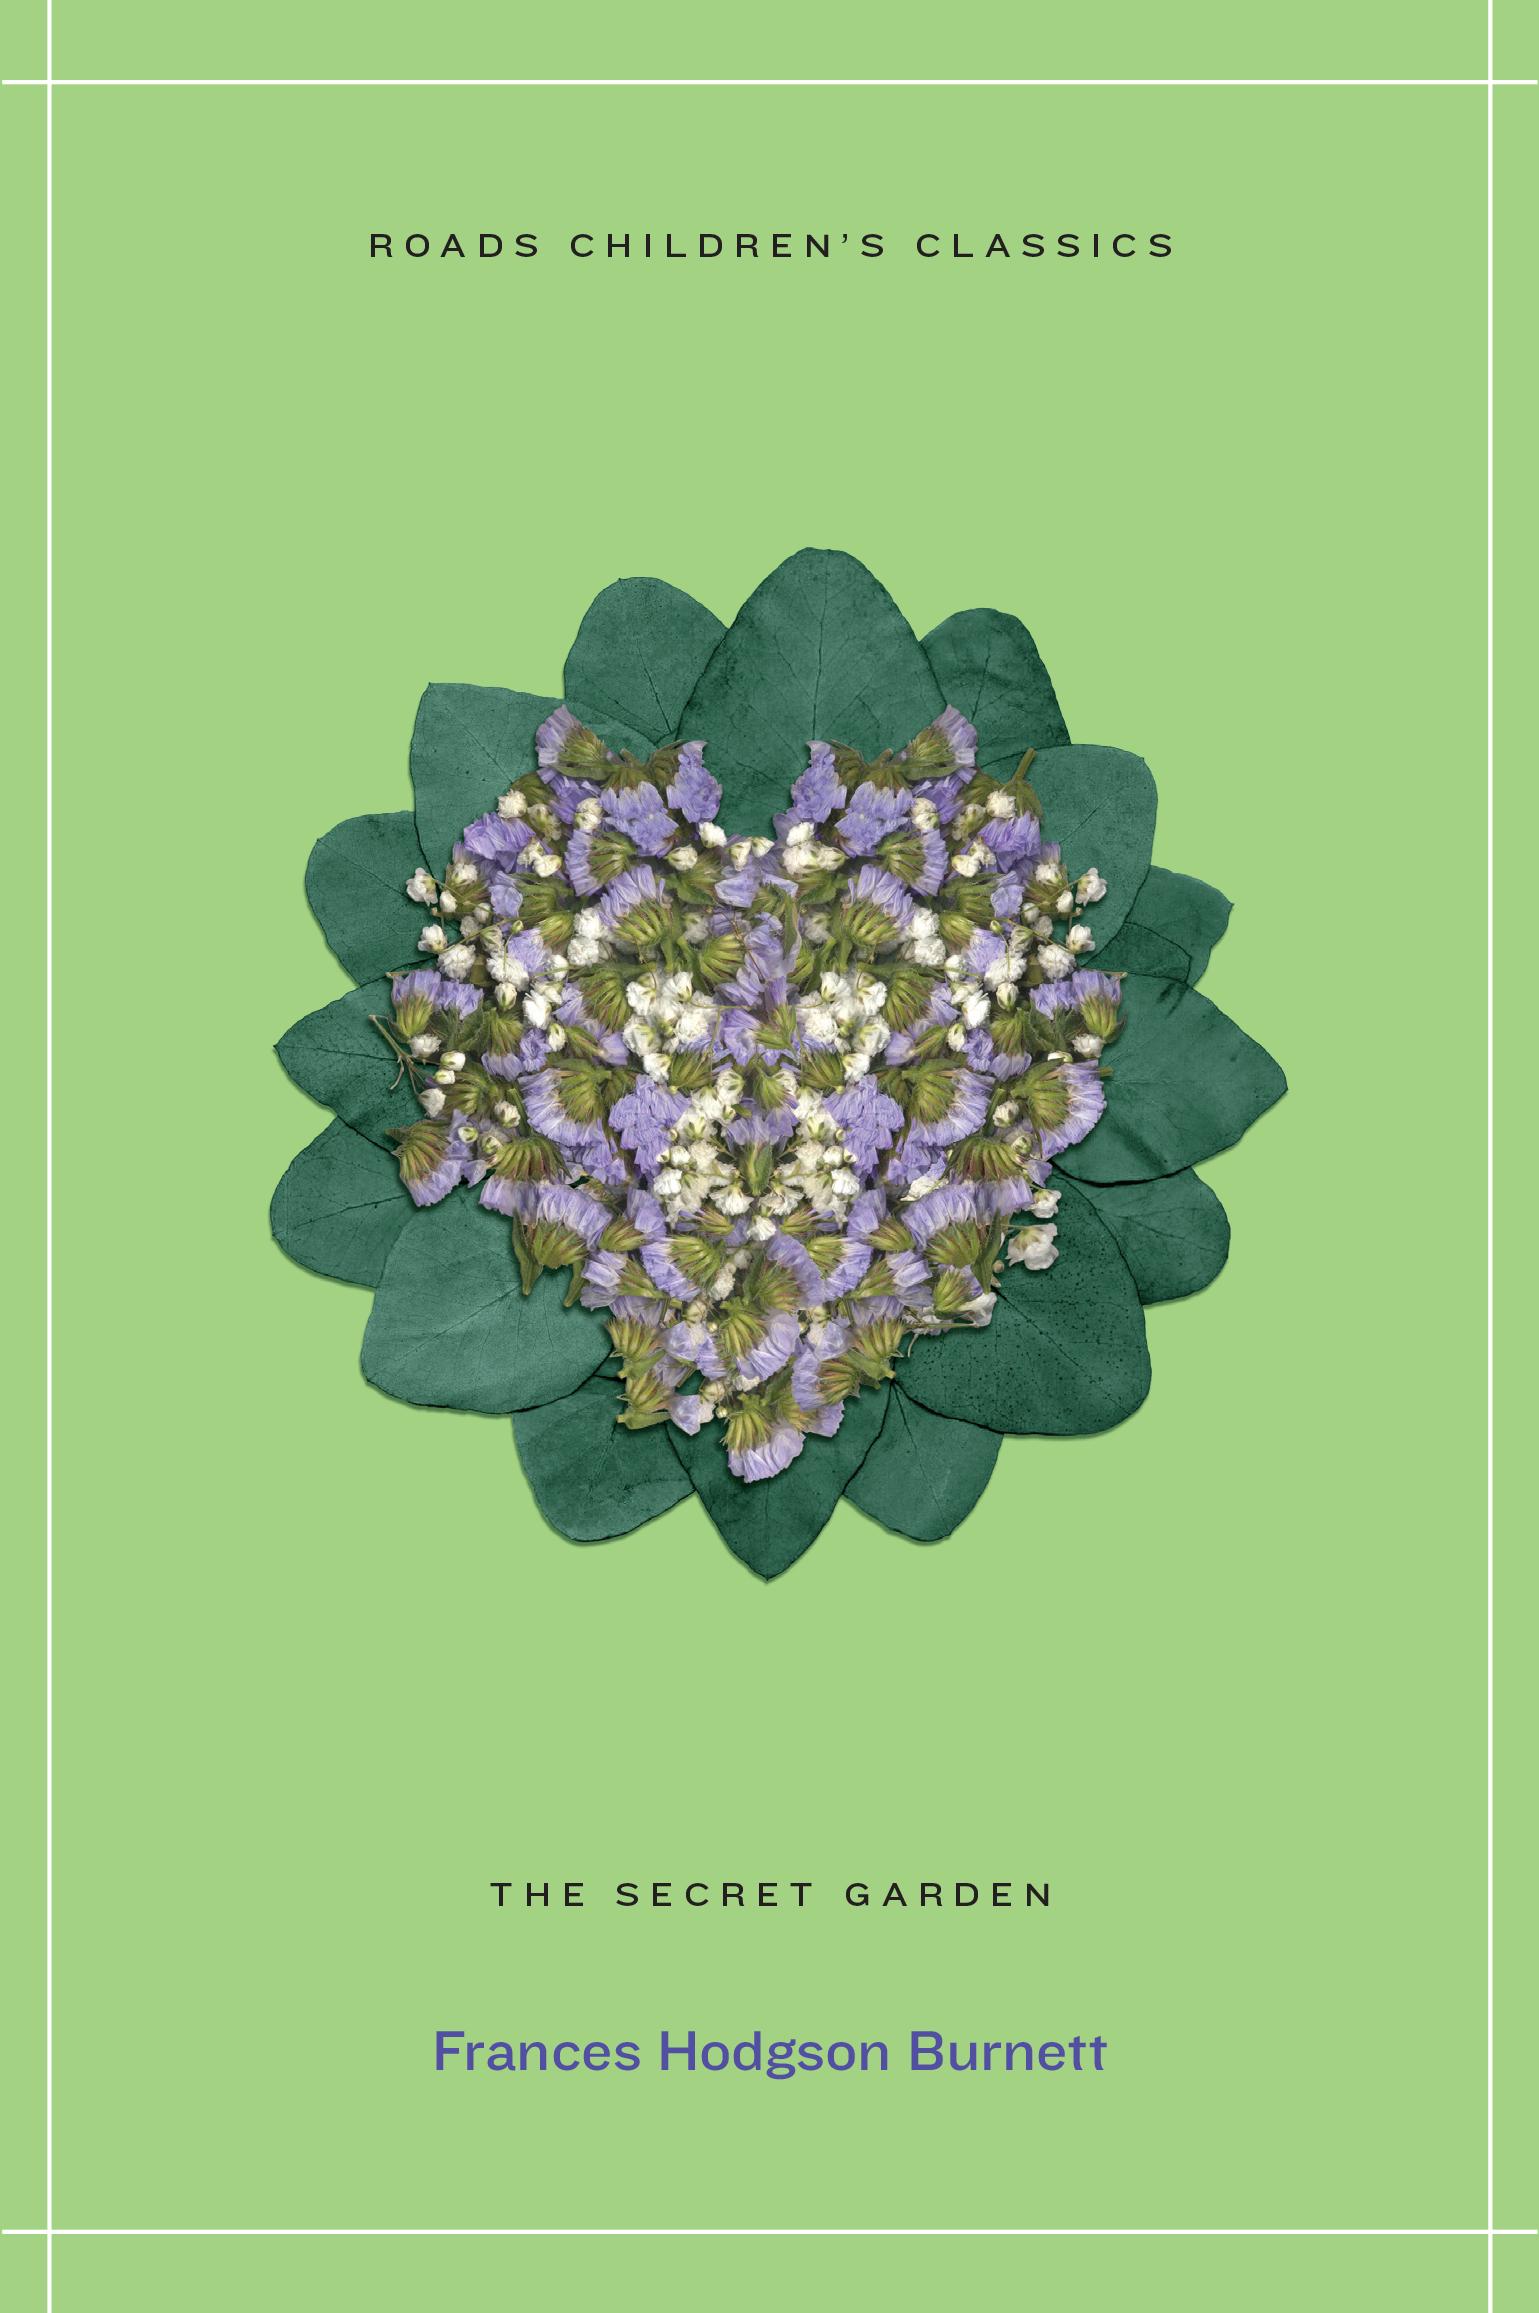 9781909399808 - The Secret Garden.jpg